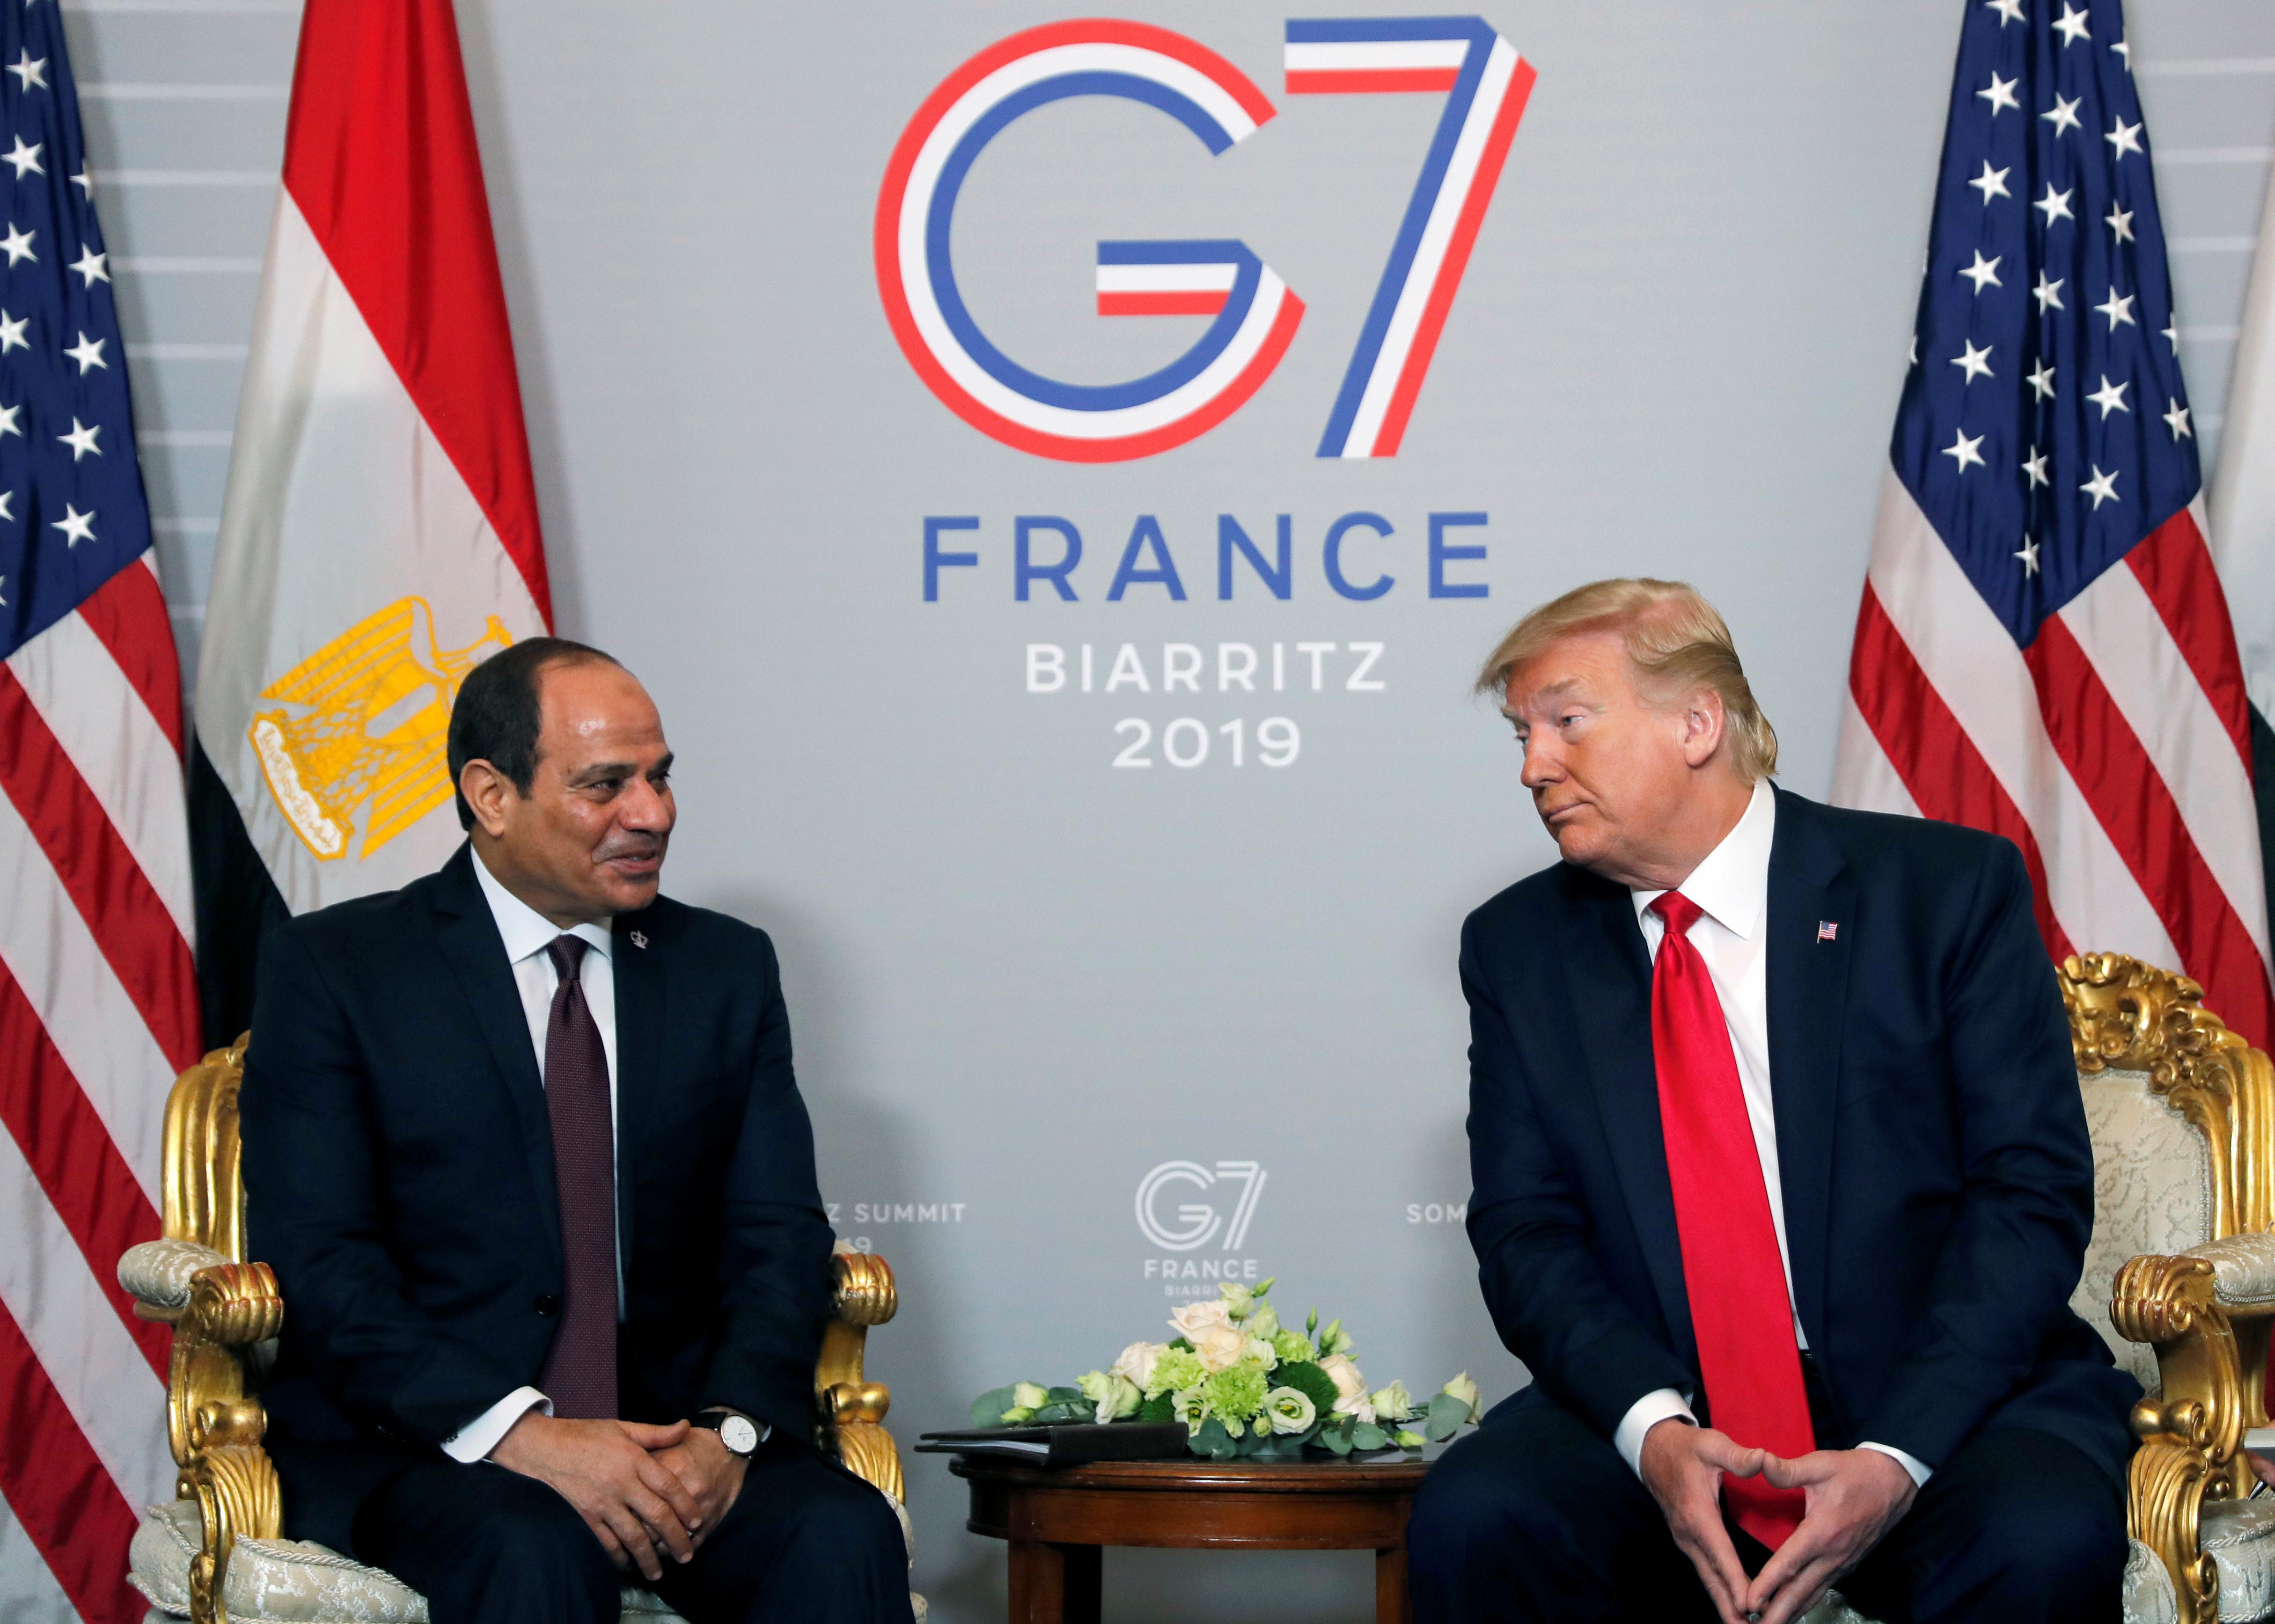 الرئيس الأمريكي دونالد ترامب والرئيس المصري عبدالفتاح السيسي - قمة الدول السبع